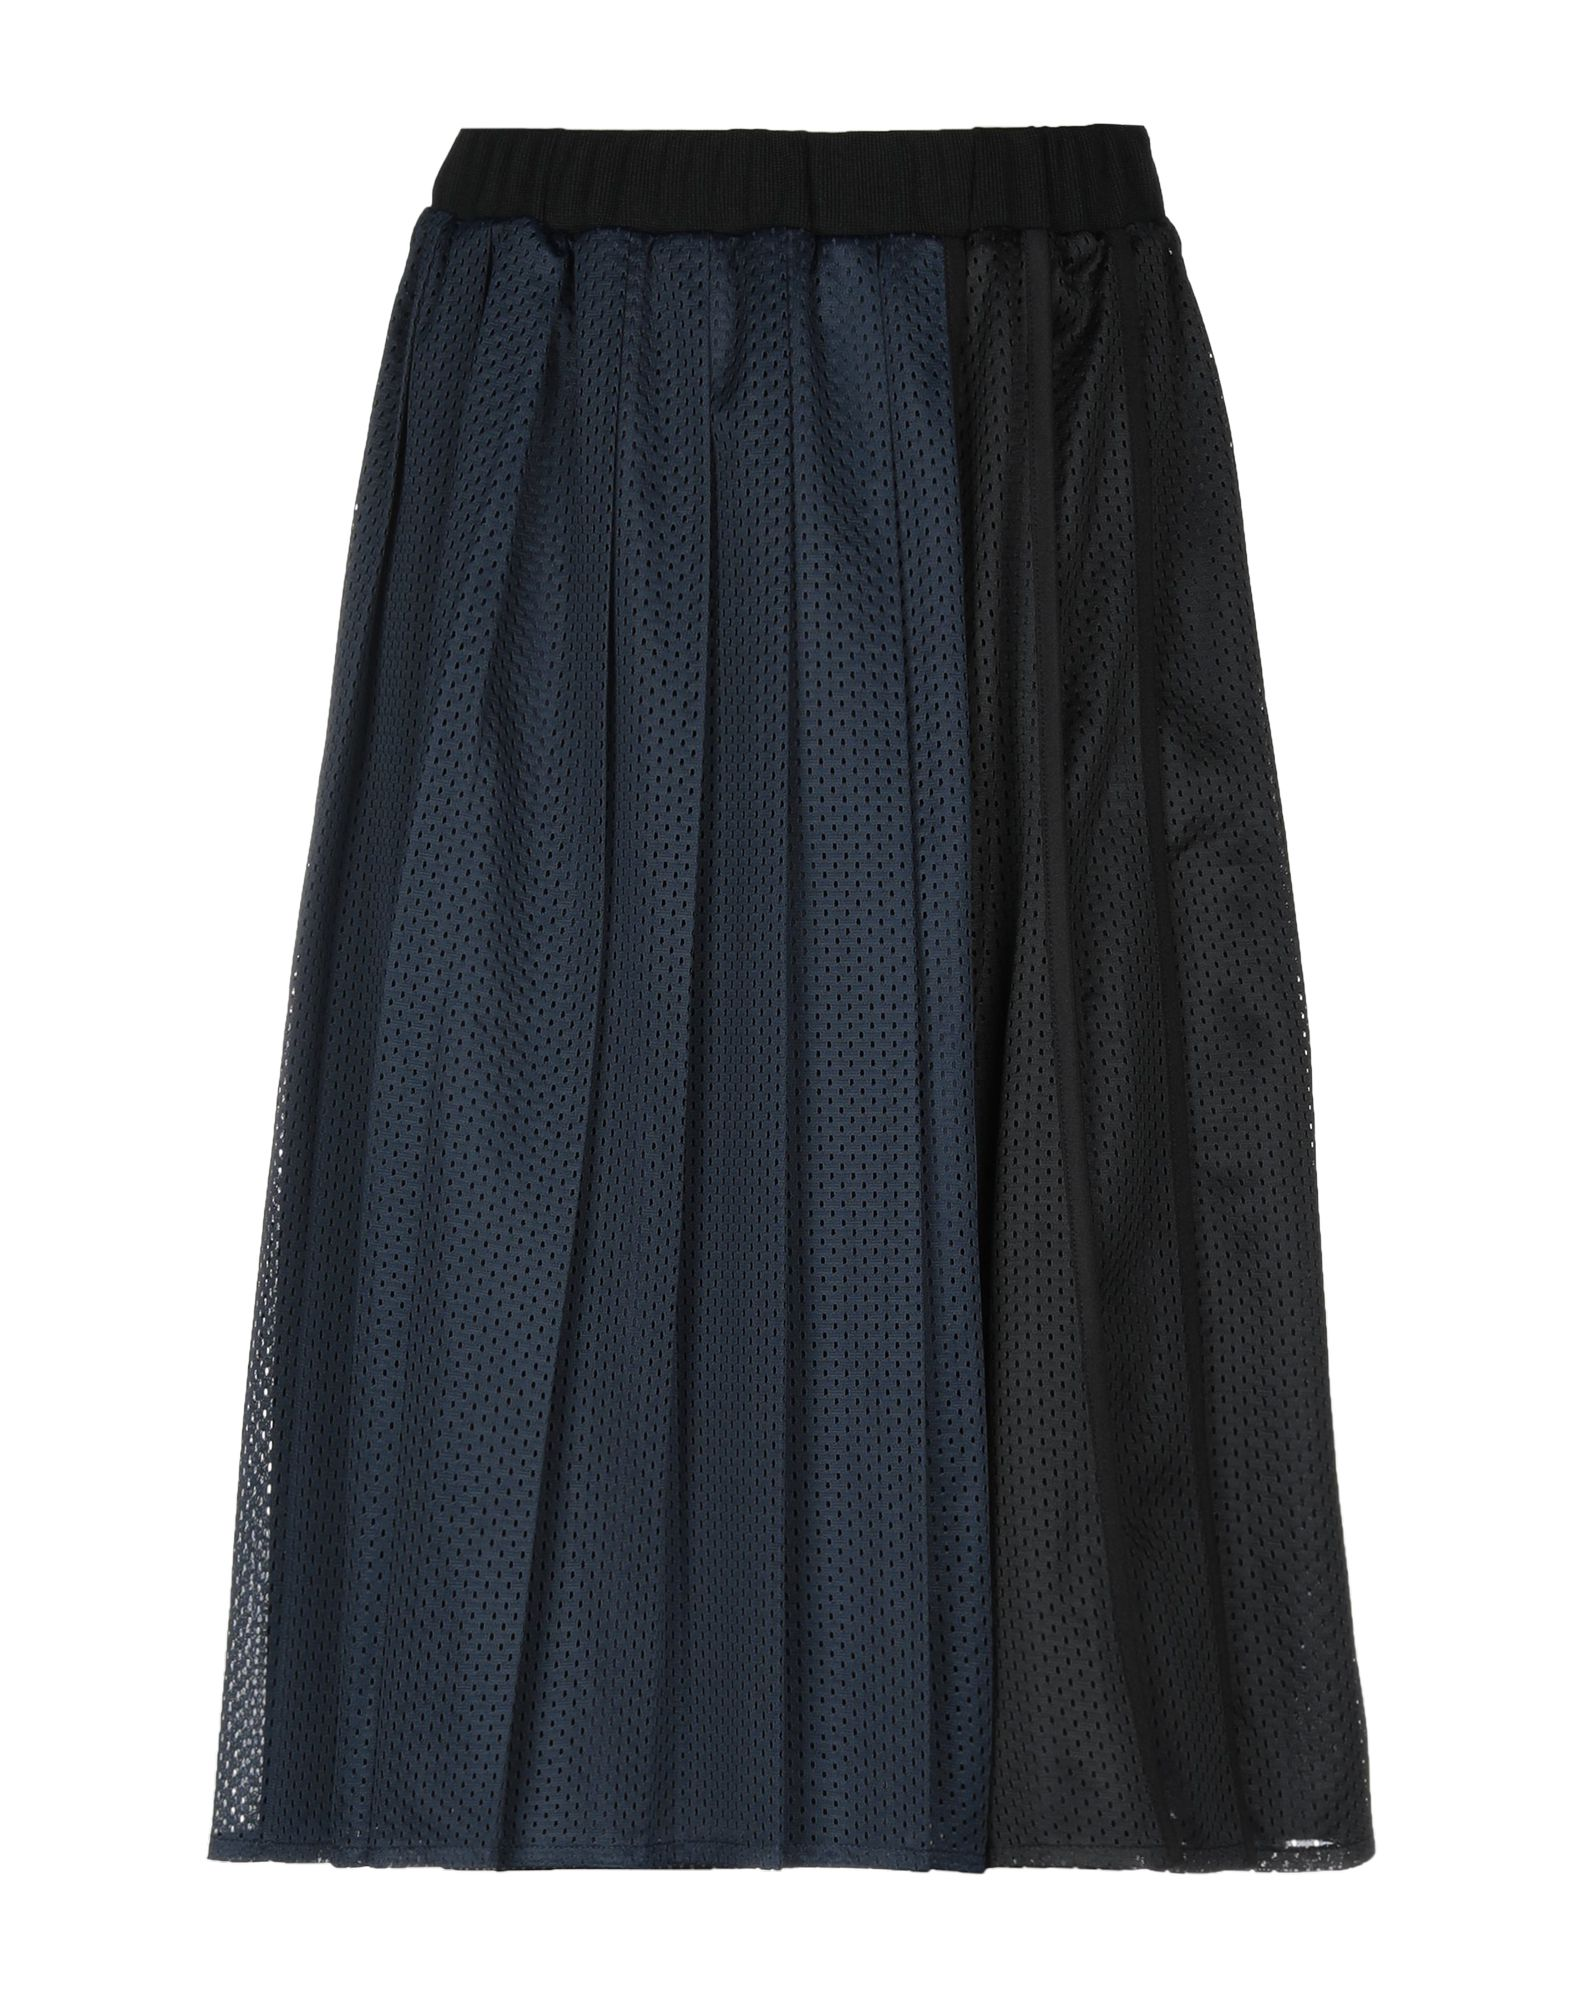 《送料無料》MUVEIL WORK レディース ひざ丈スカート ダークブルー 36 ポリエステル 100%